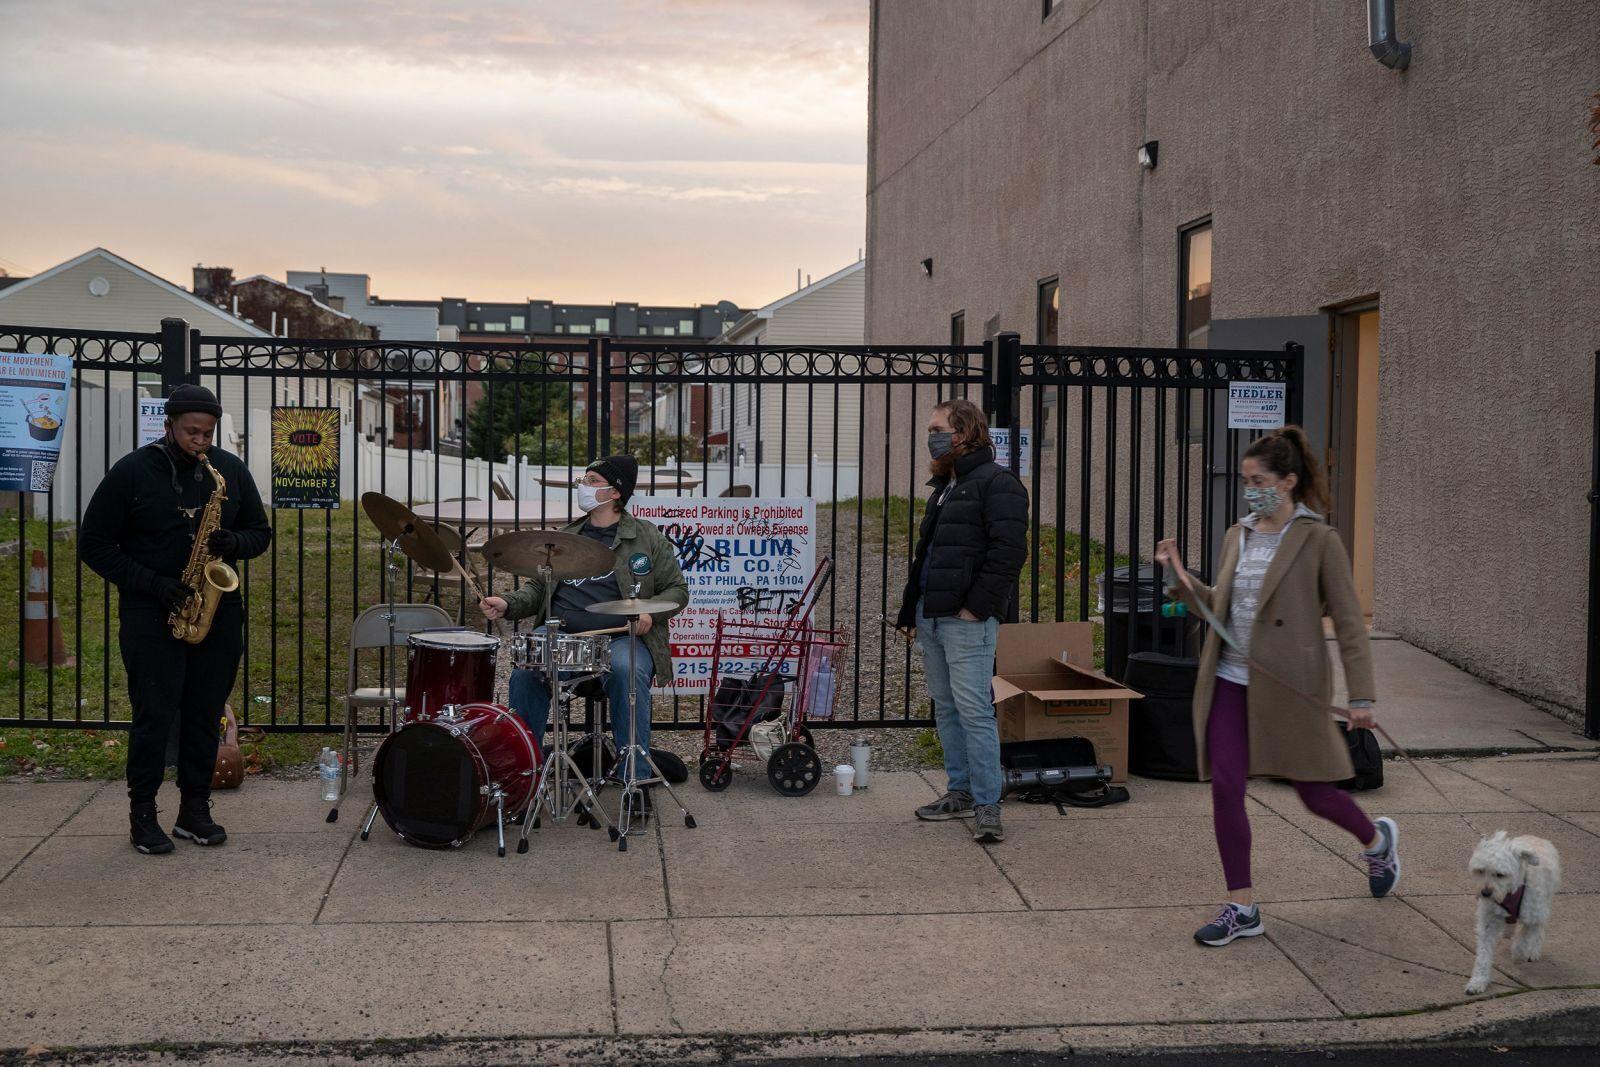 Джазовая группа играет для избирателей у церкви в Филадельфии